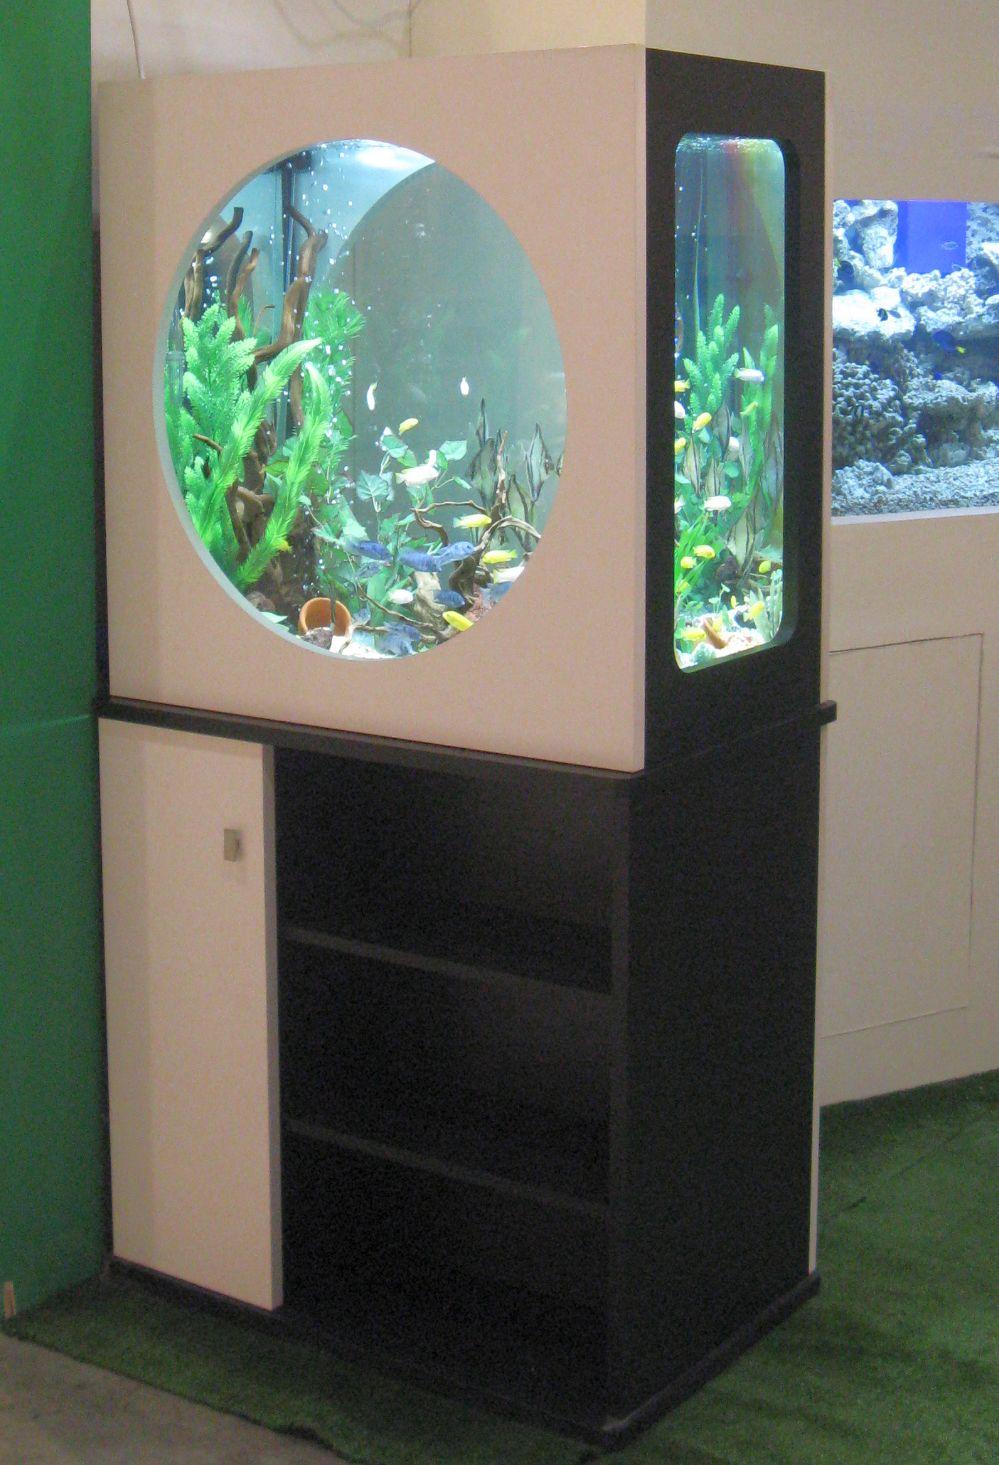 אקווריום מעוצב עם חלונות עגולים